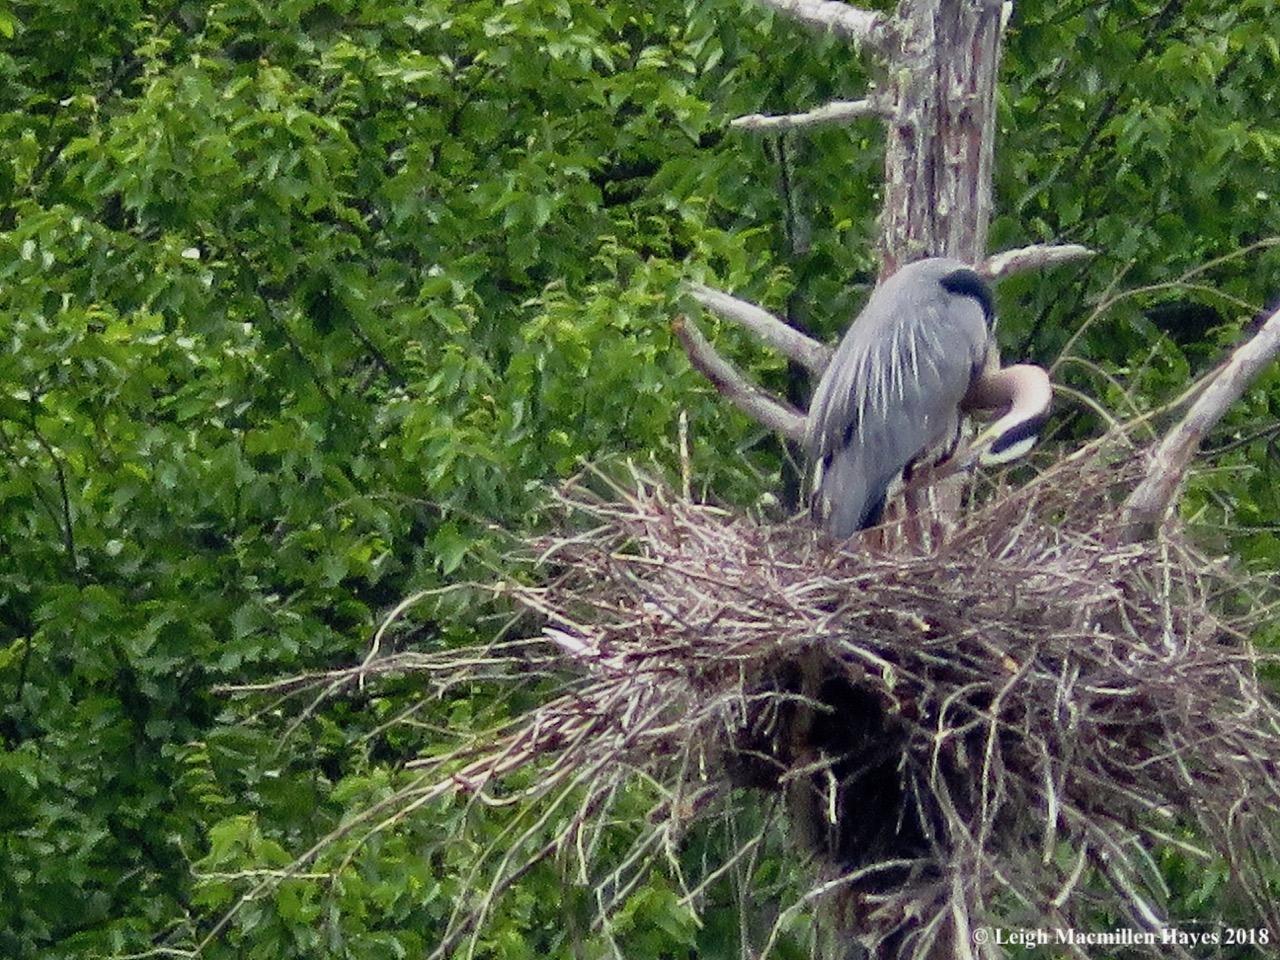 d8-adult heron